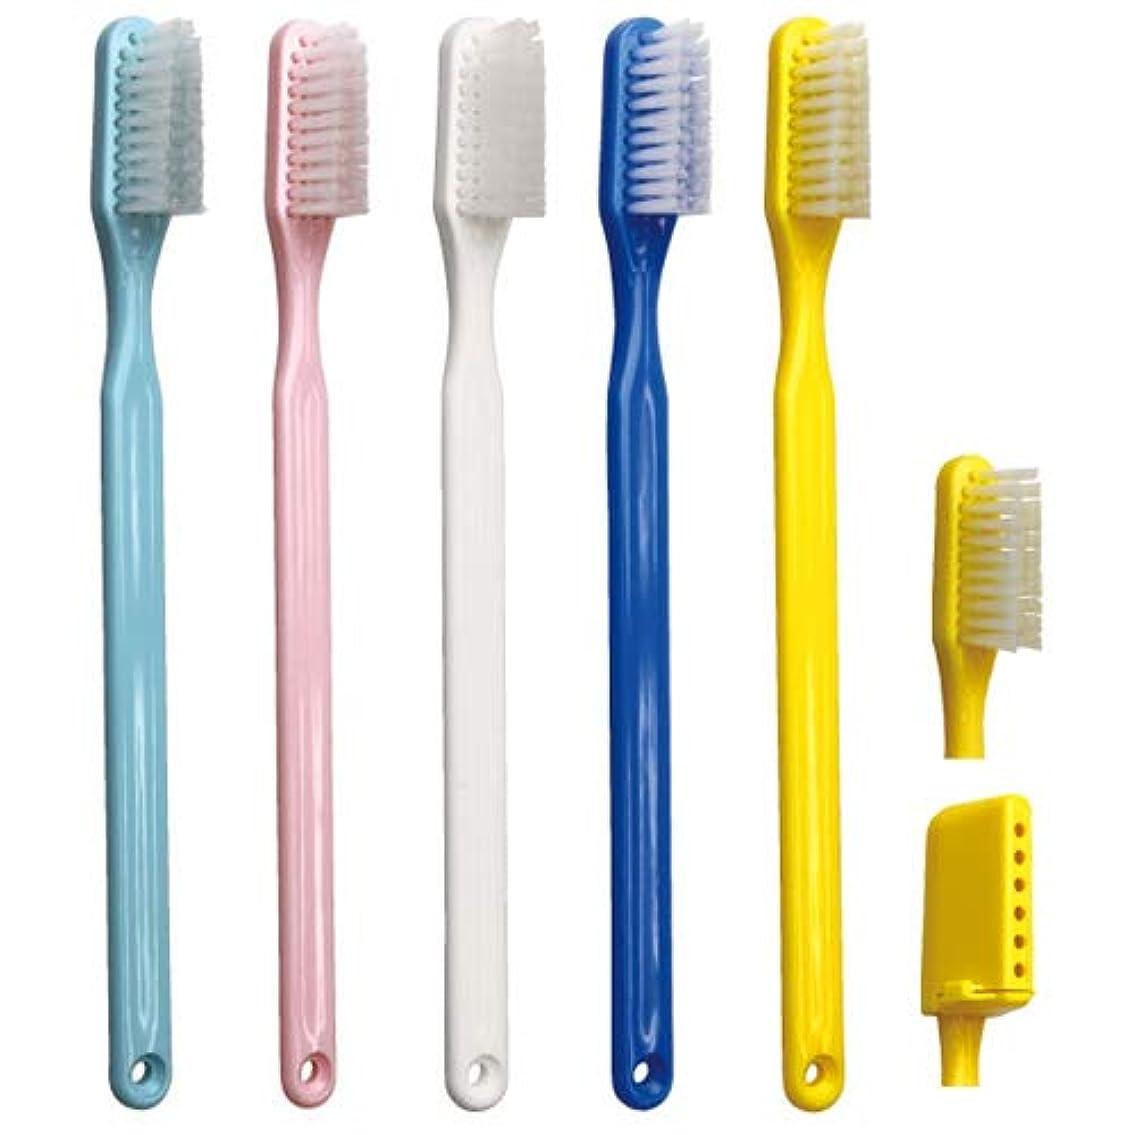 記念碑的な感じ一節歯科医院専用商品 PHB 歯ブラシ アダルト5本セット( 歯ブラシキャップ付)ライトブルー?ピンク?ホワイト?ネオンブルー?イエロー